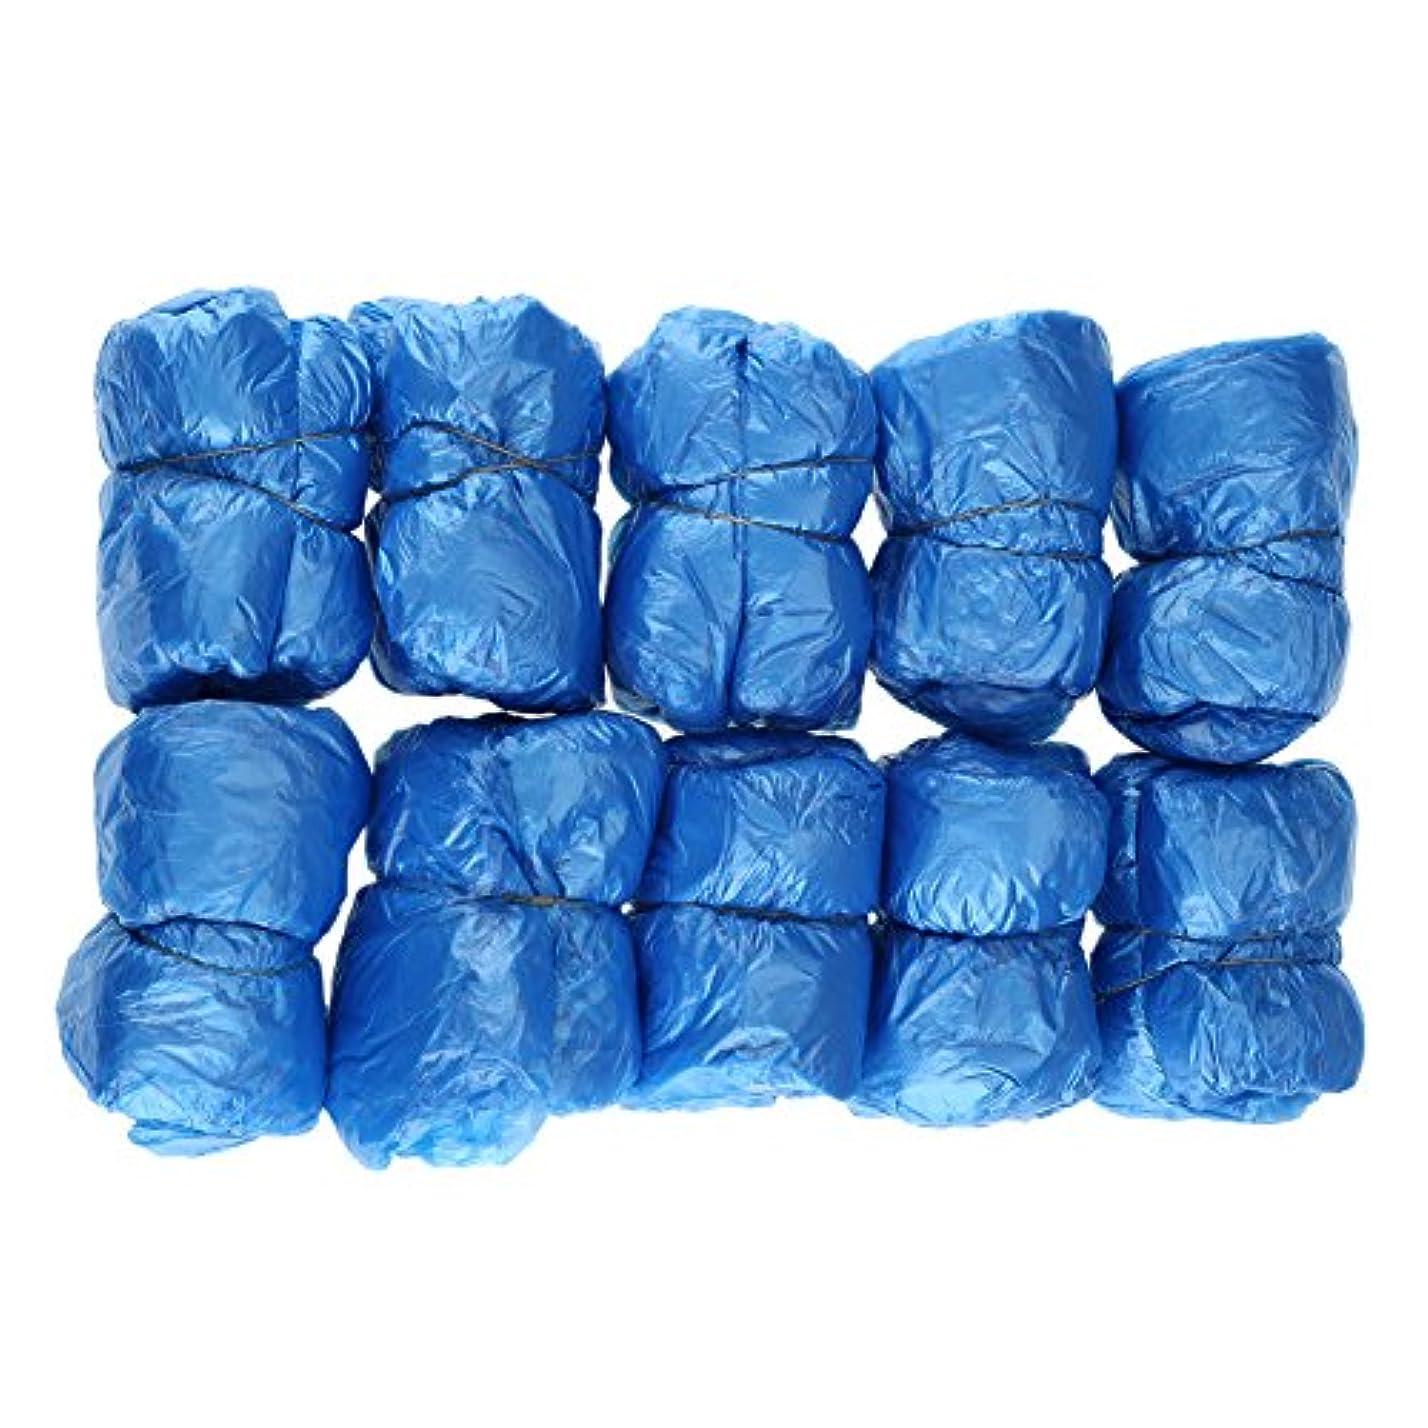 不実一杯レディ100枚入 使い捨て靴カバー シューズカバー 靴カバー サイズフリー簡単 便利 衛生 家庭用品 ブルー